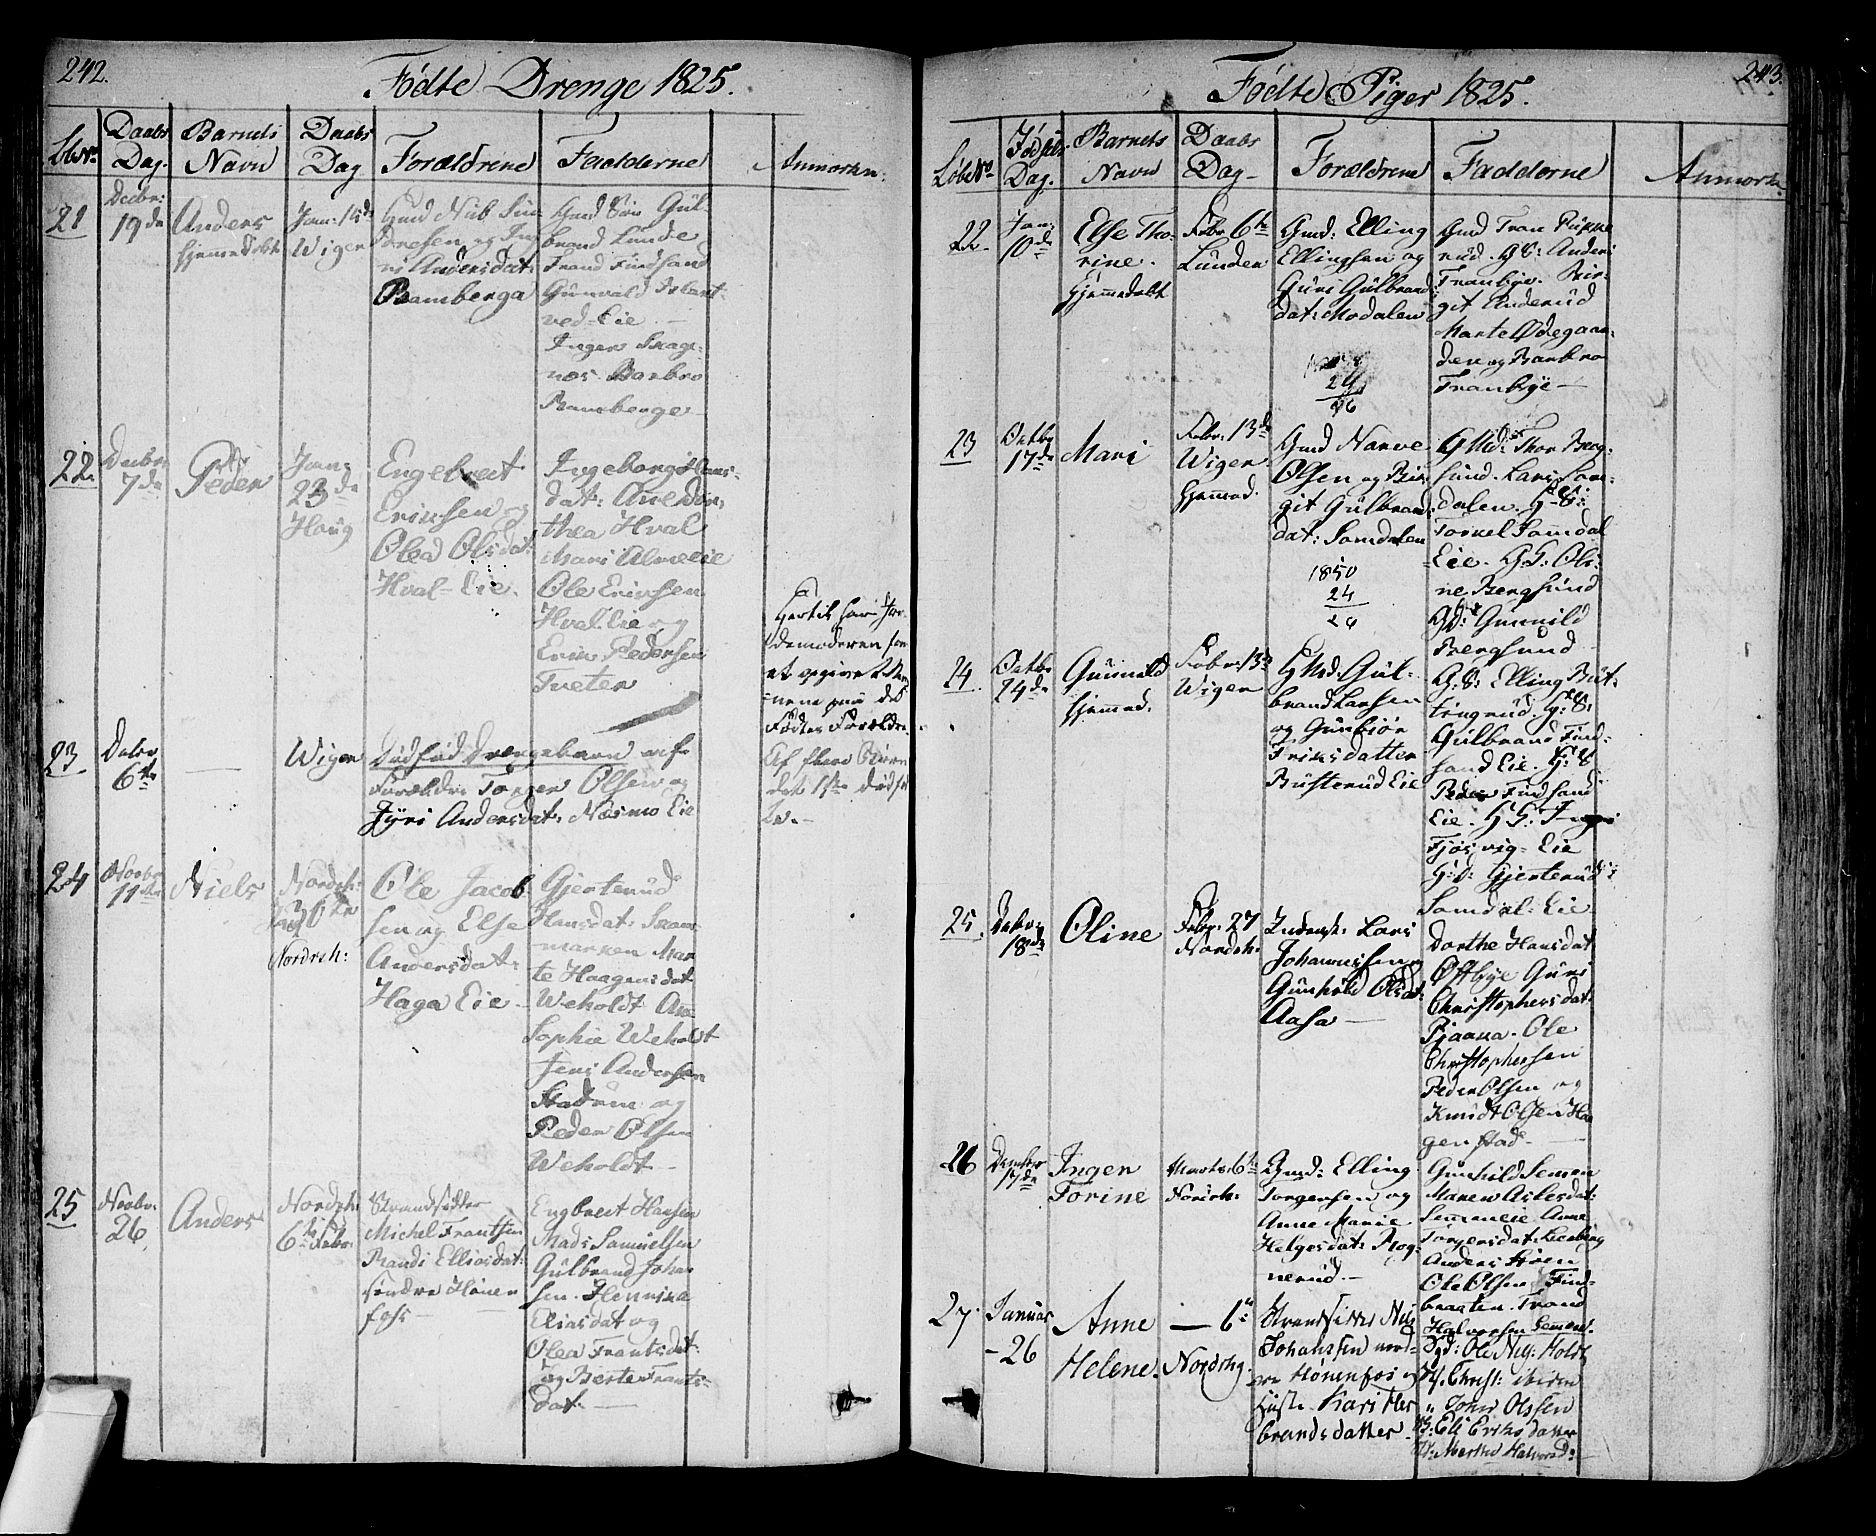 SAKO, Norderhov kirkebøker, F/Fa/L0009: Ministerialbok nr. 9, 1819-1837, s. 242-243